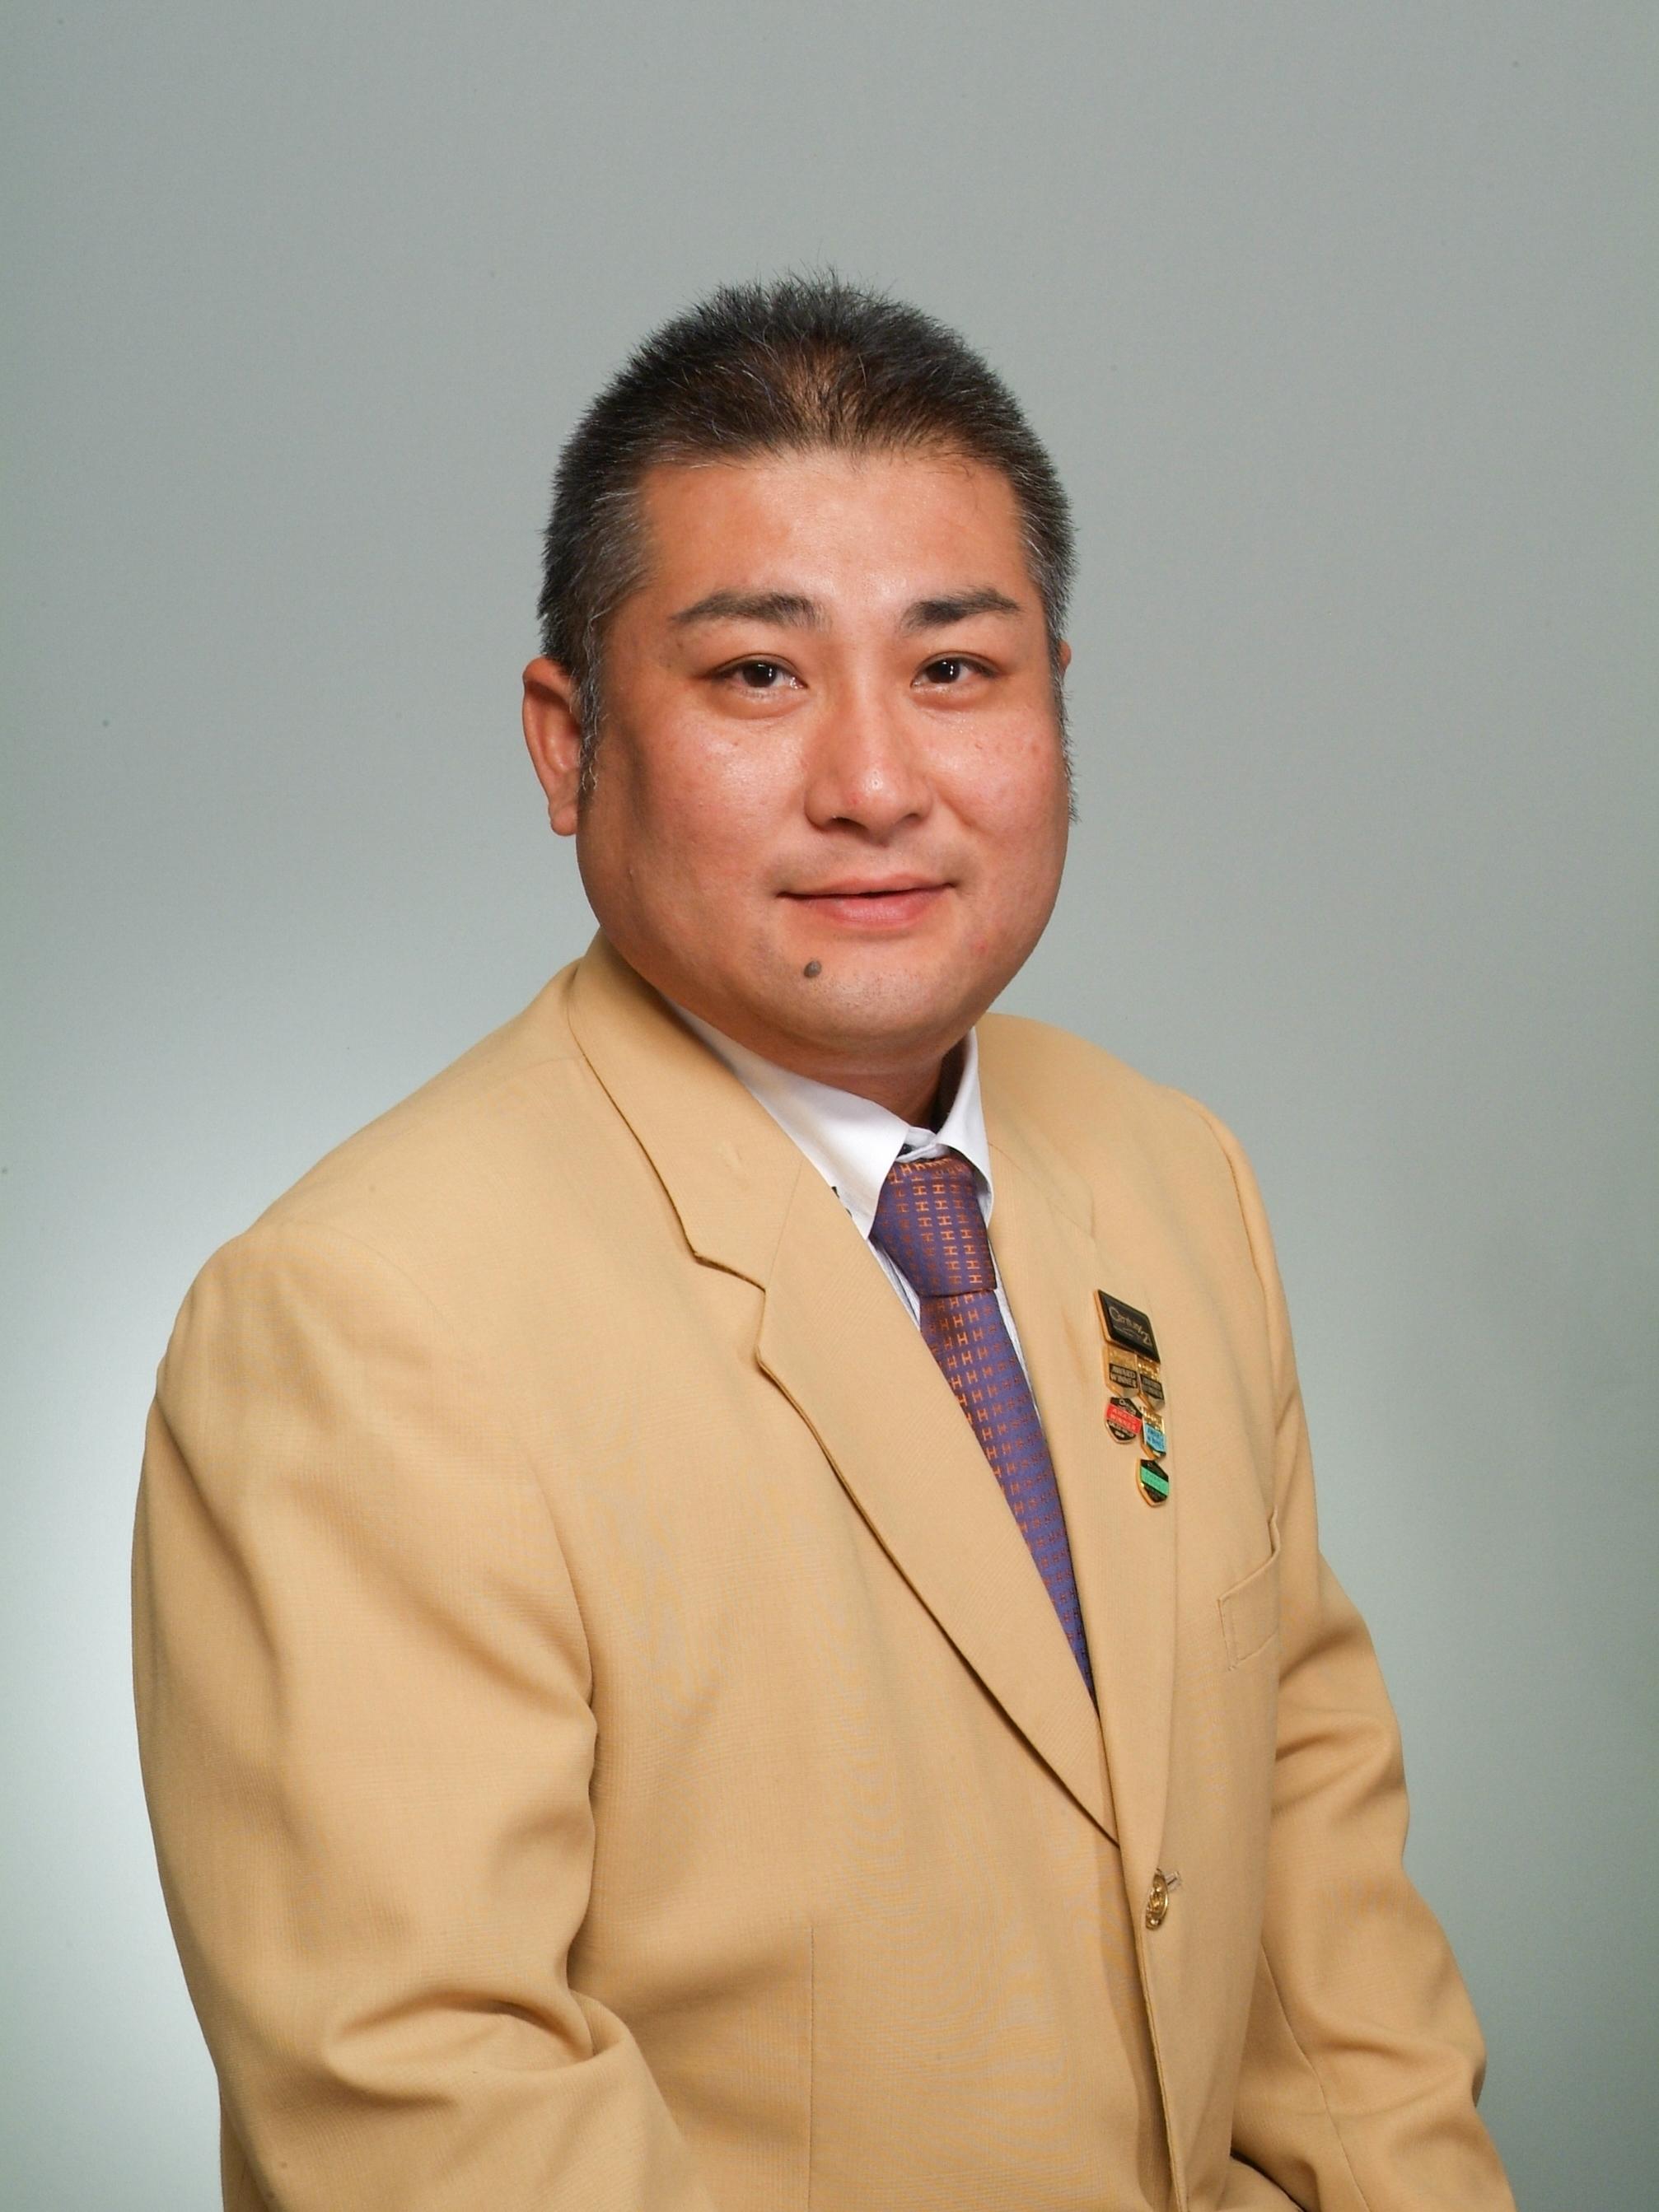 センチュリー21ダイオー菊 昭久の写真